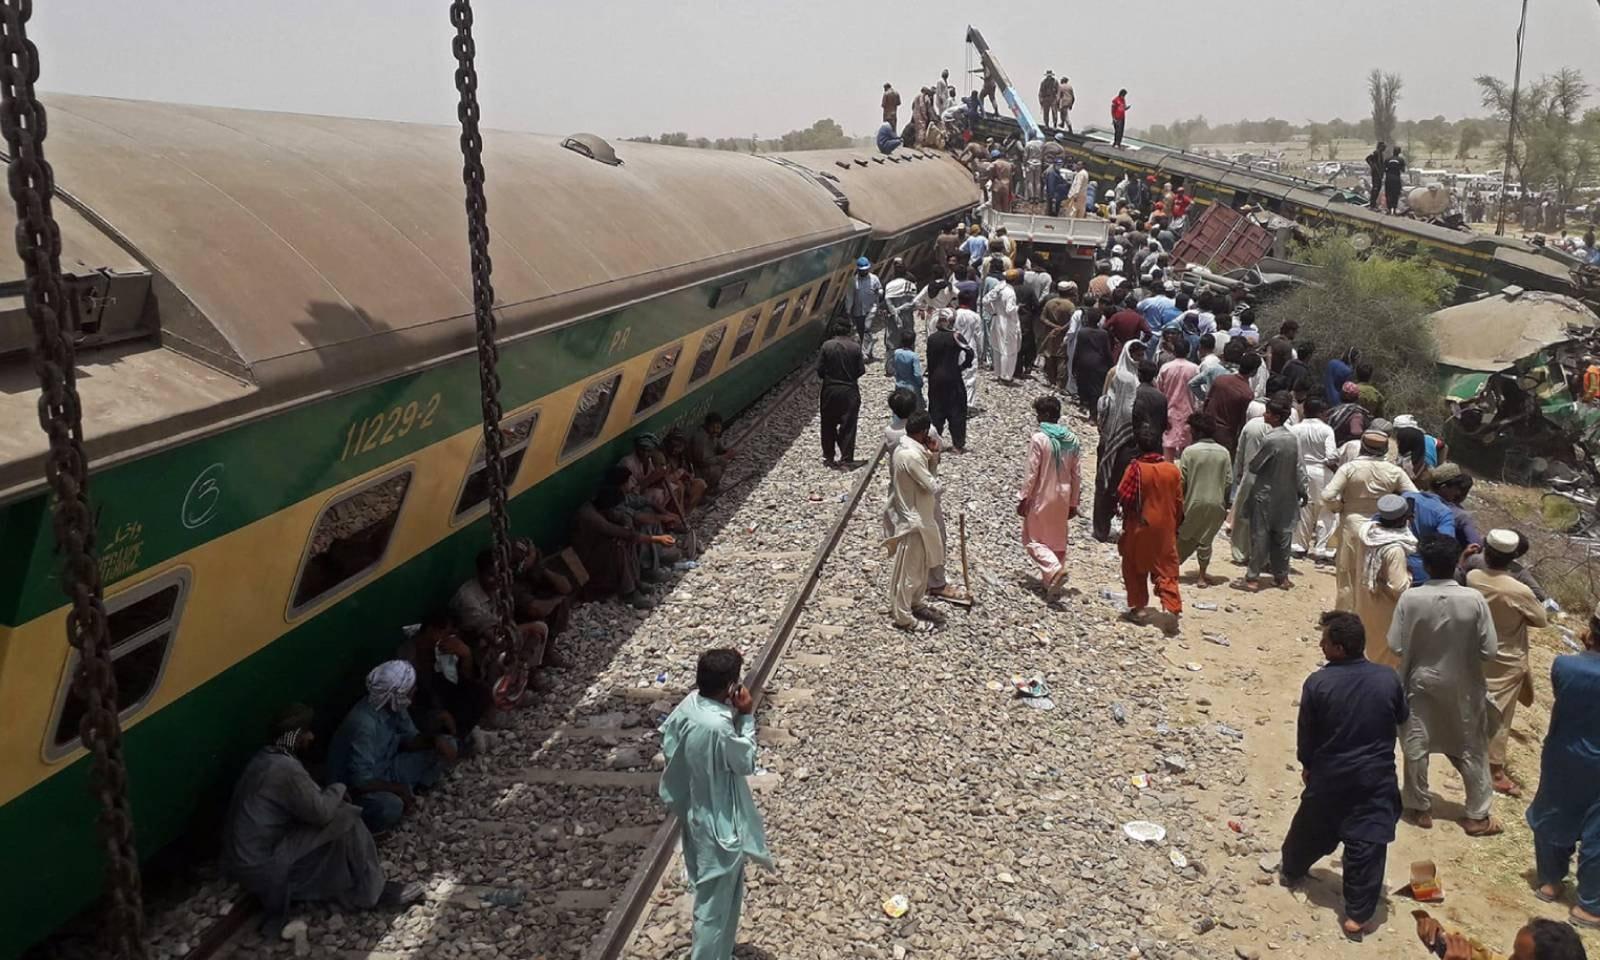 حادثہ رات ساڑھے تین بجے اس وقت پیش آیا جب ملت ایکسپریس ٹرین کی 10 سے زائد بوگیاں پٹڑی سے اتر گئی تھیں اور مخالف سمت سے آنے والی سرسید ایکسپریس ان سے ٹکرائی—فوٹو: اے ایف پی